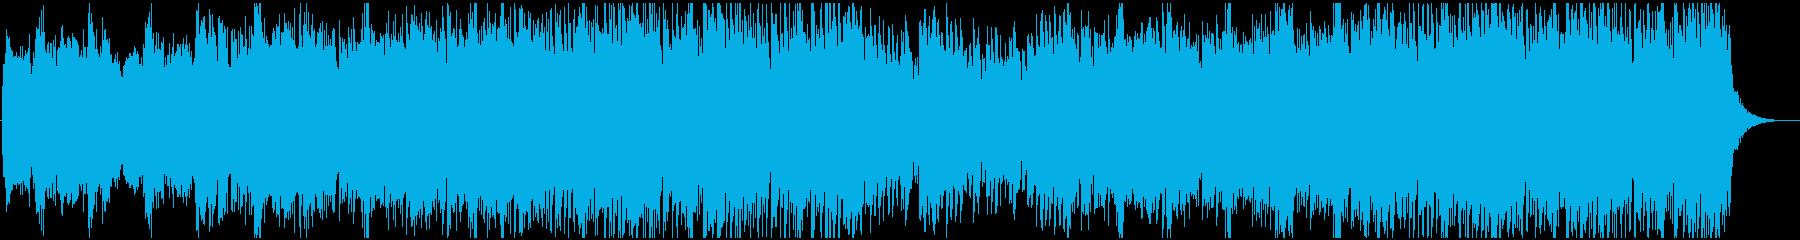 ハロウィン ホラー 不気味 ゾンビの再生済みの波形